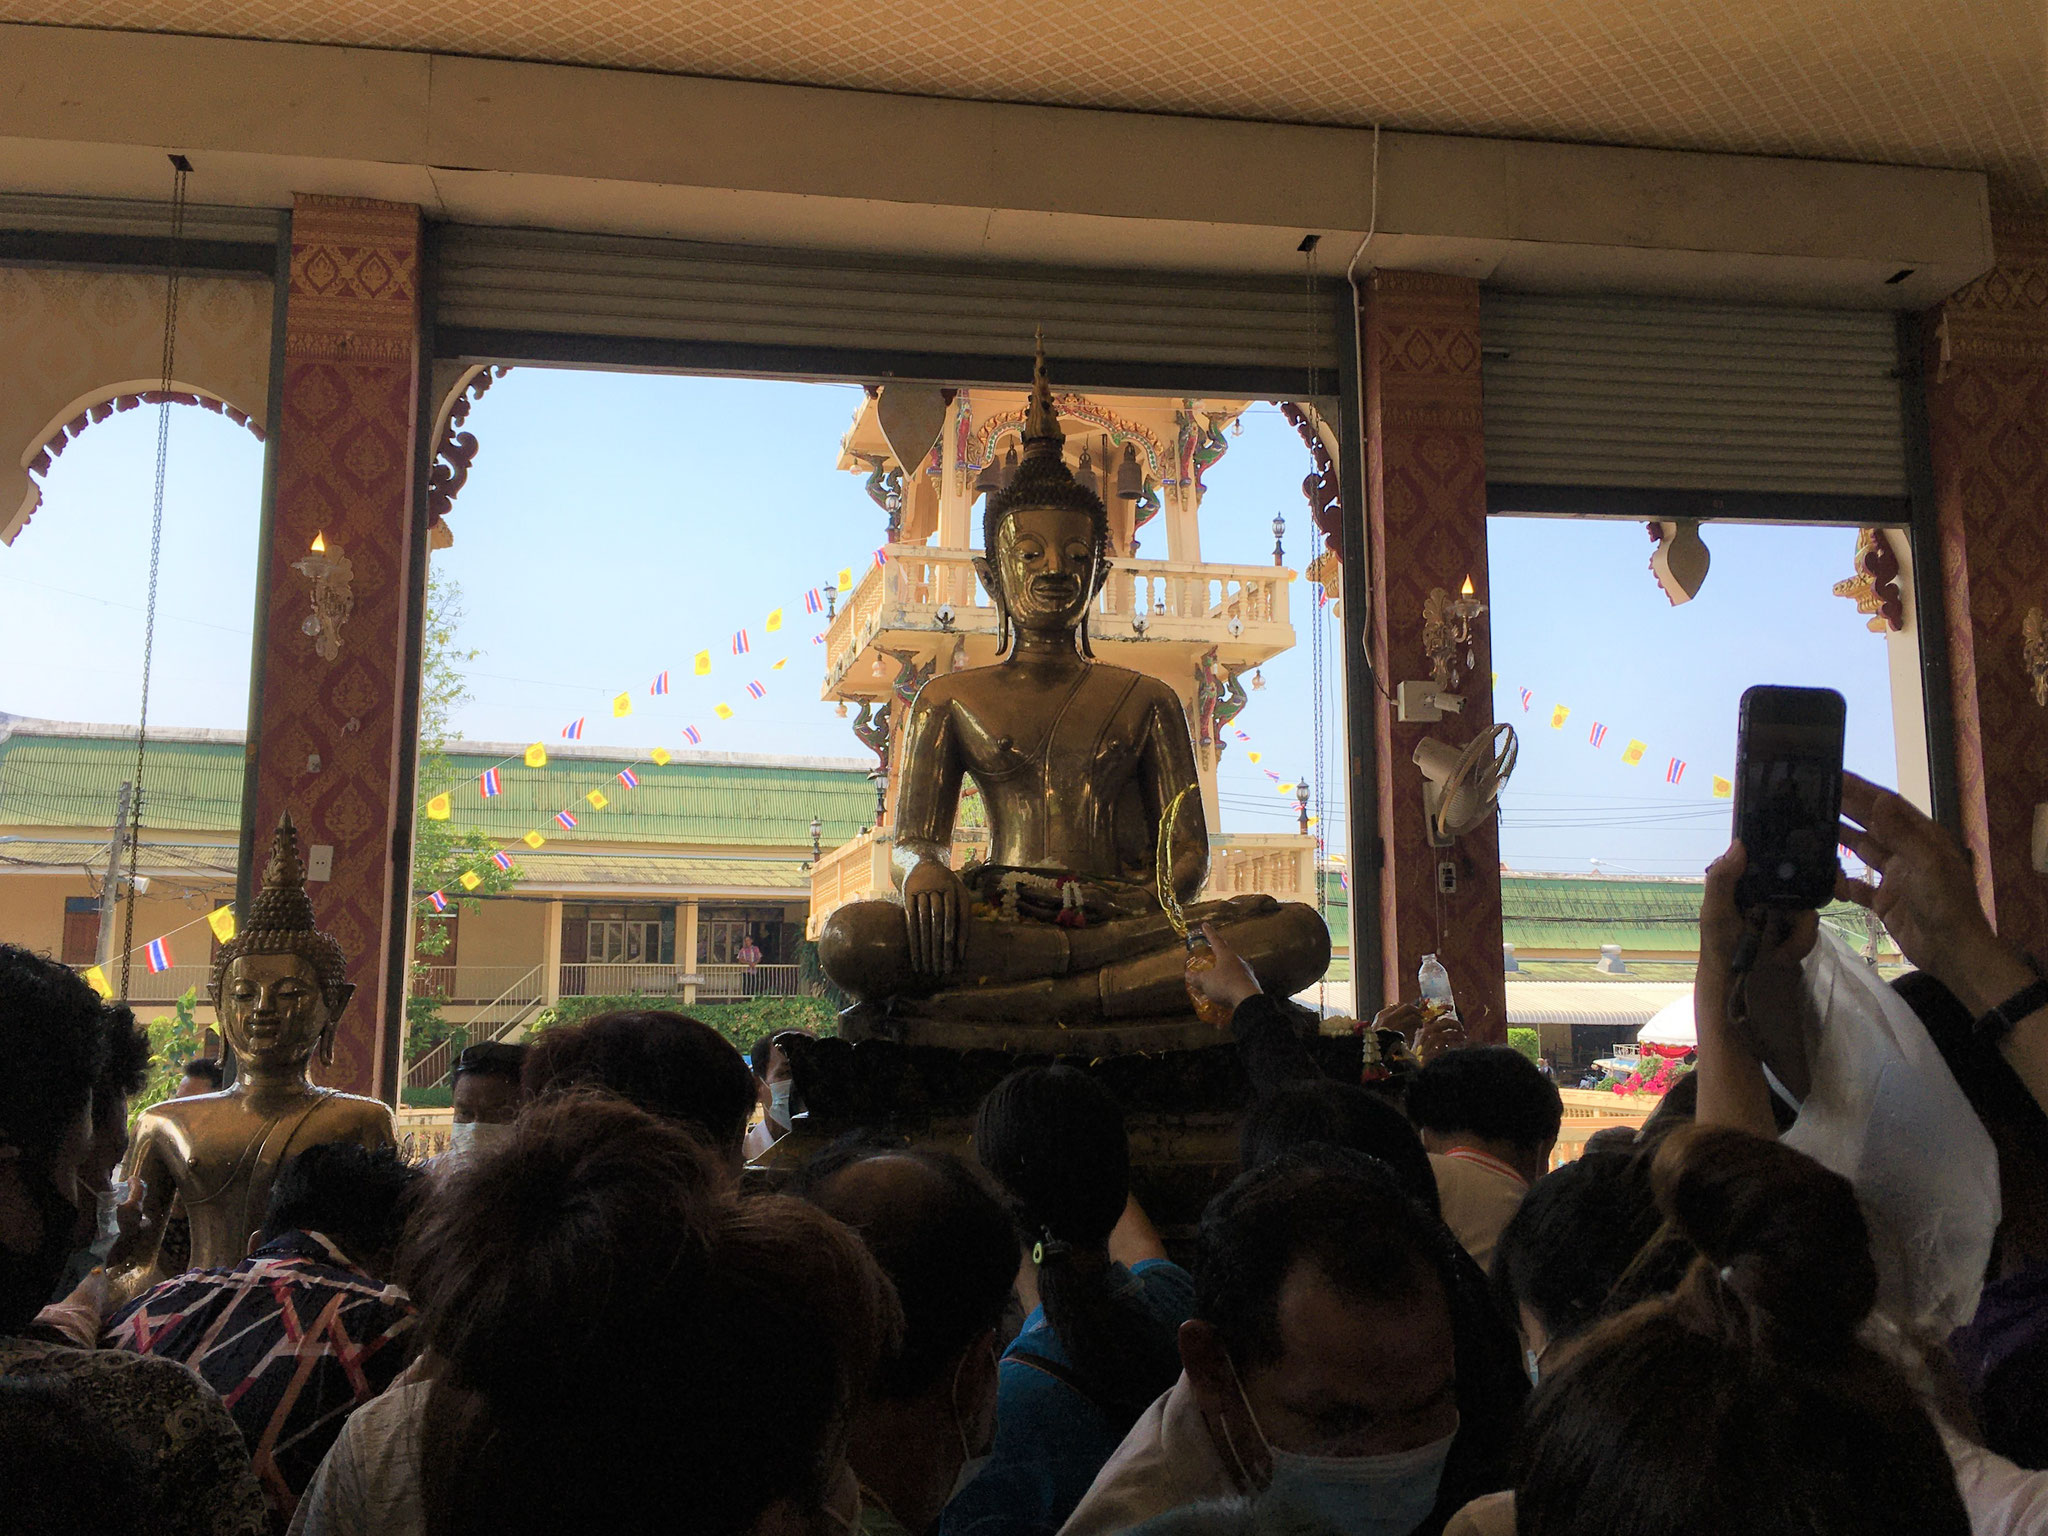 der neue Platz des Buddha - hier wird er mit Wasser bespritzt, was eine Geste der Reinigung ist